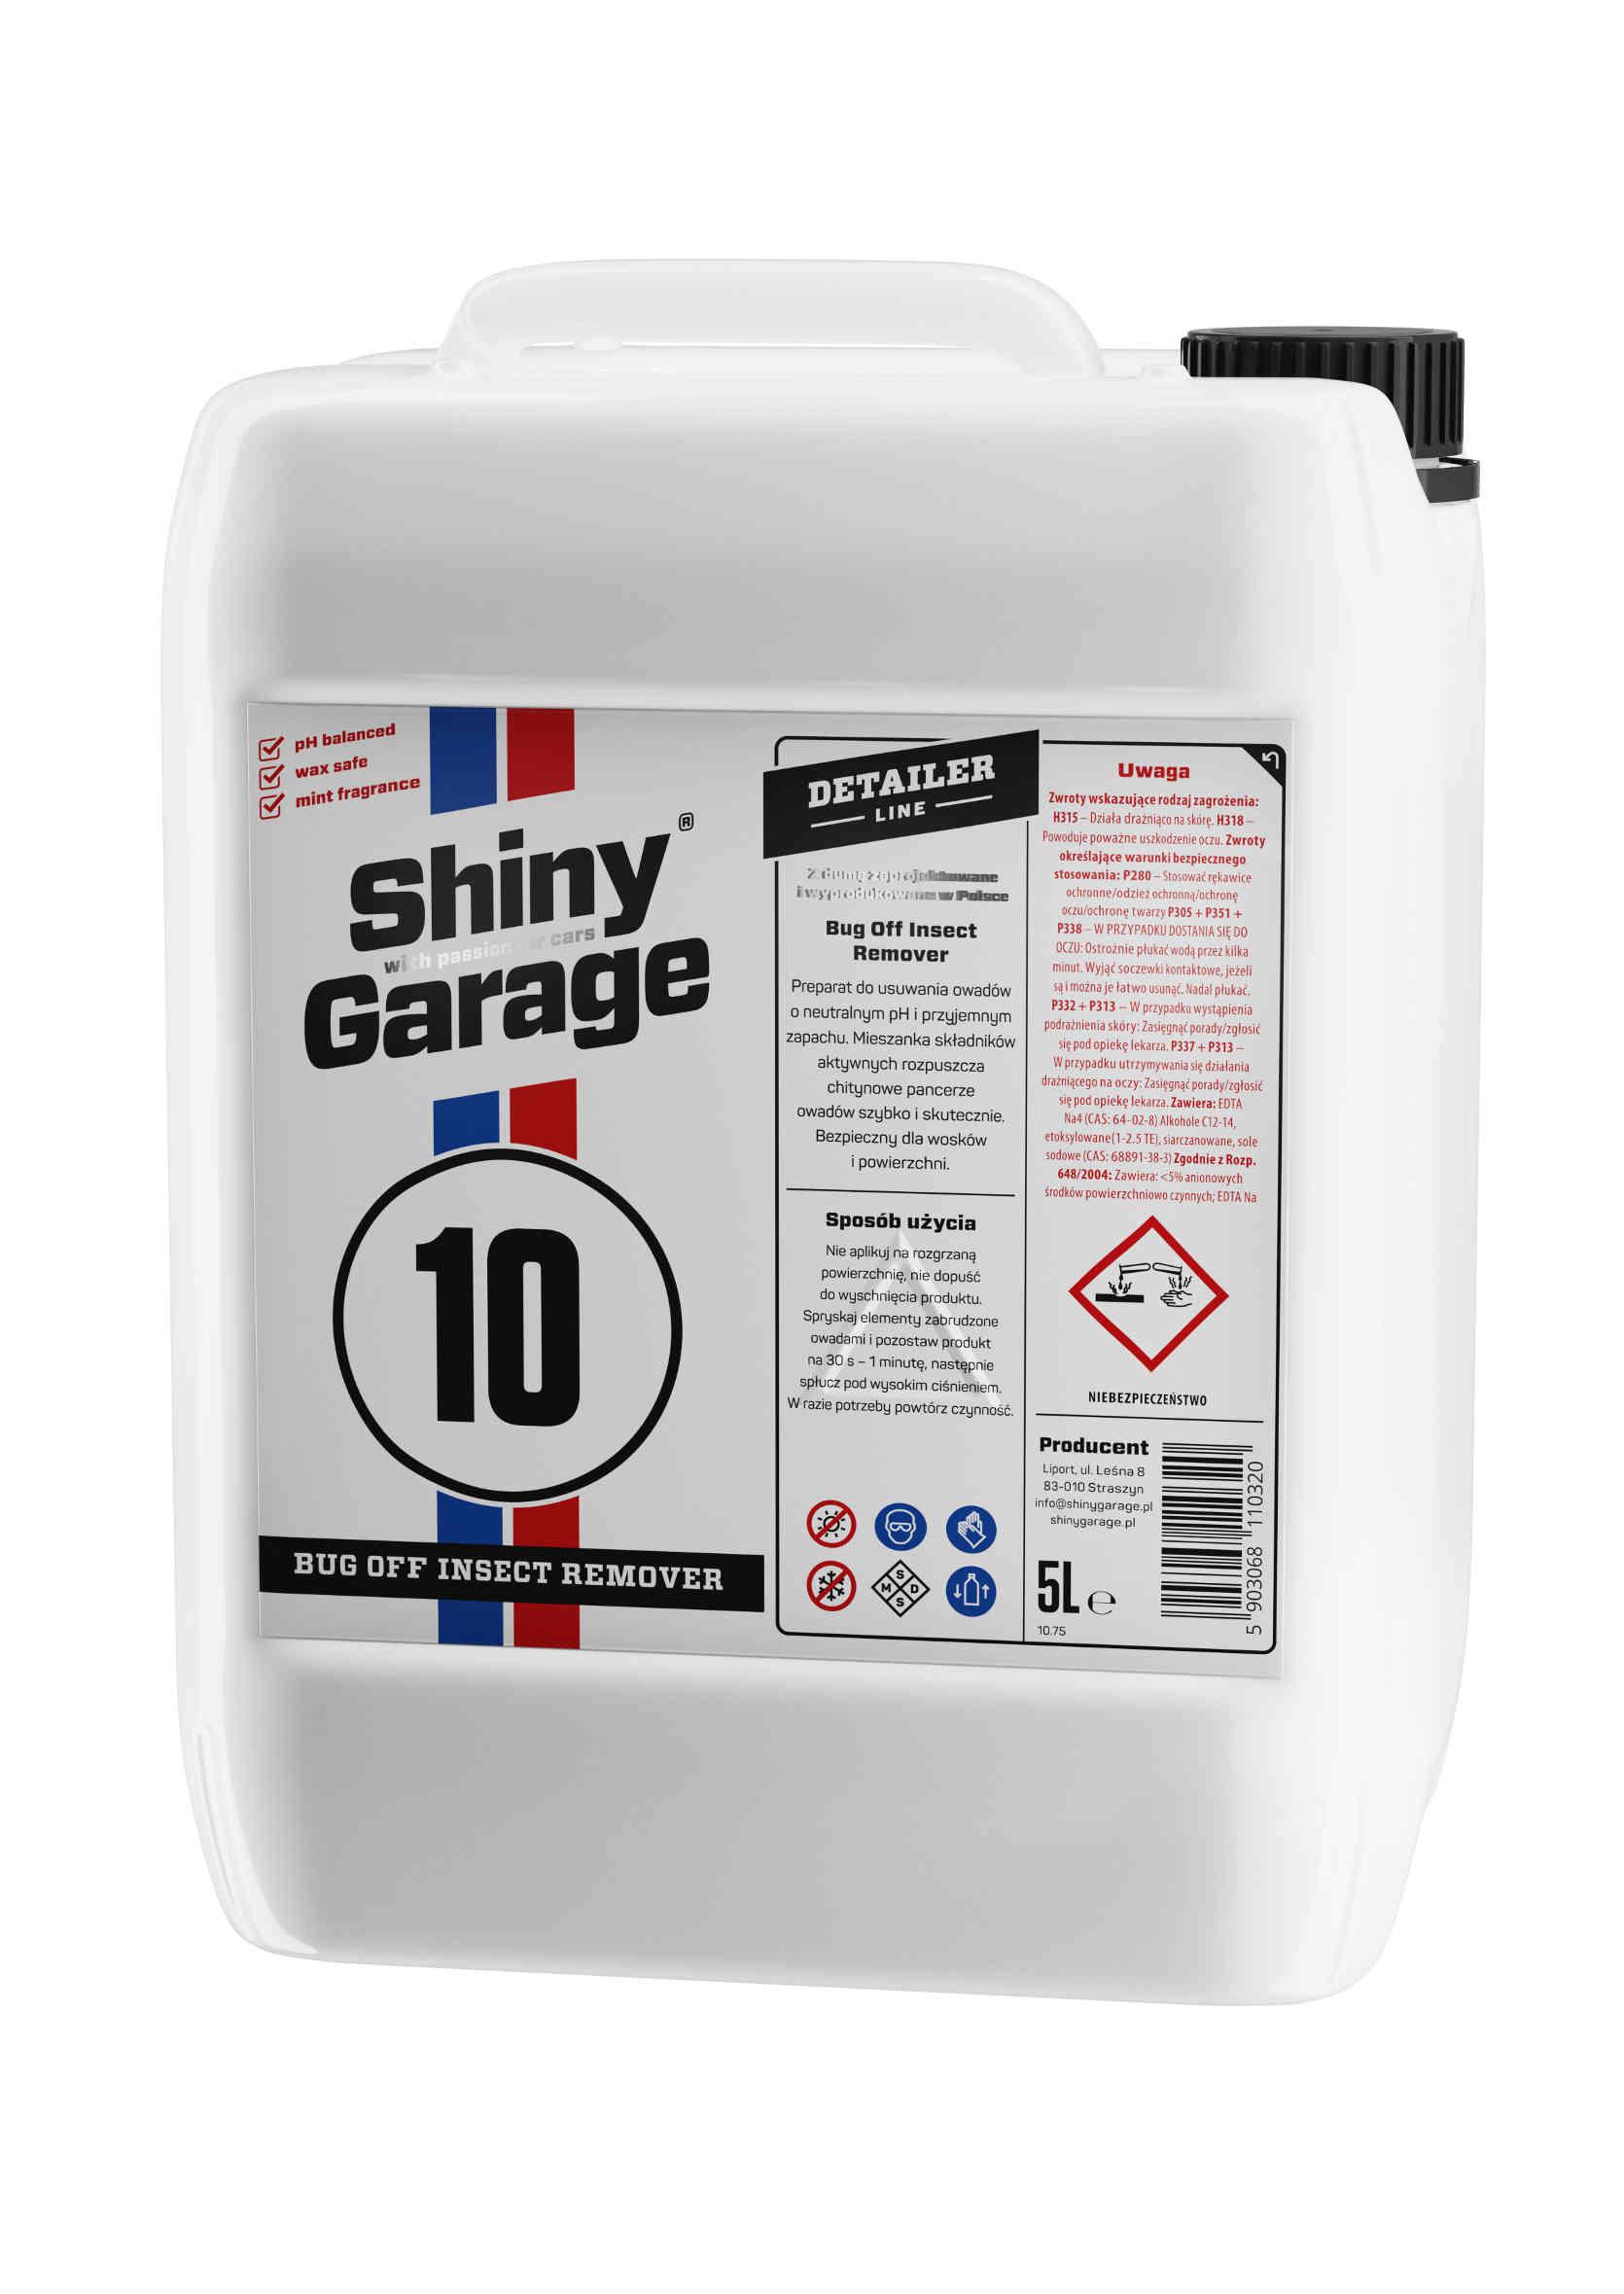 Shiny Garage Bug Off Insect Remover 5L do usuwania owadów z karoserii